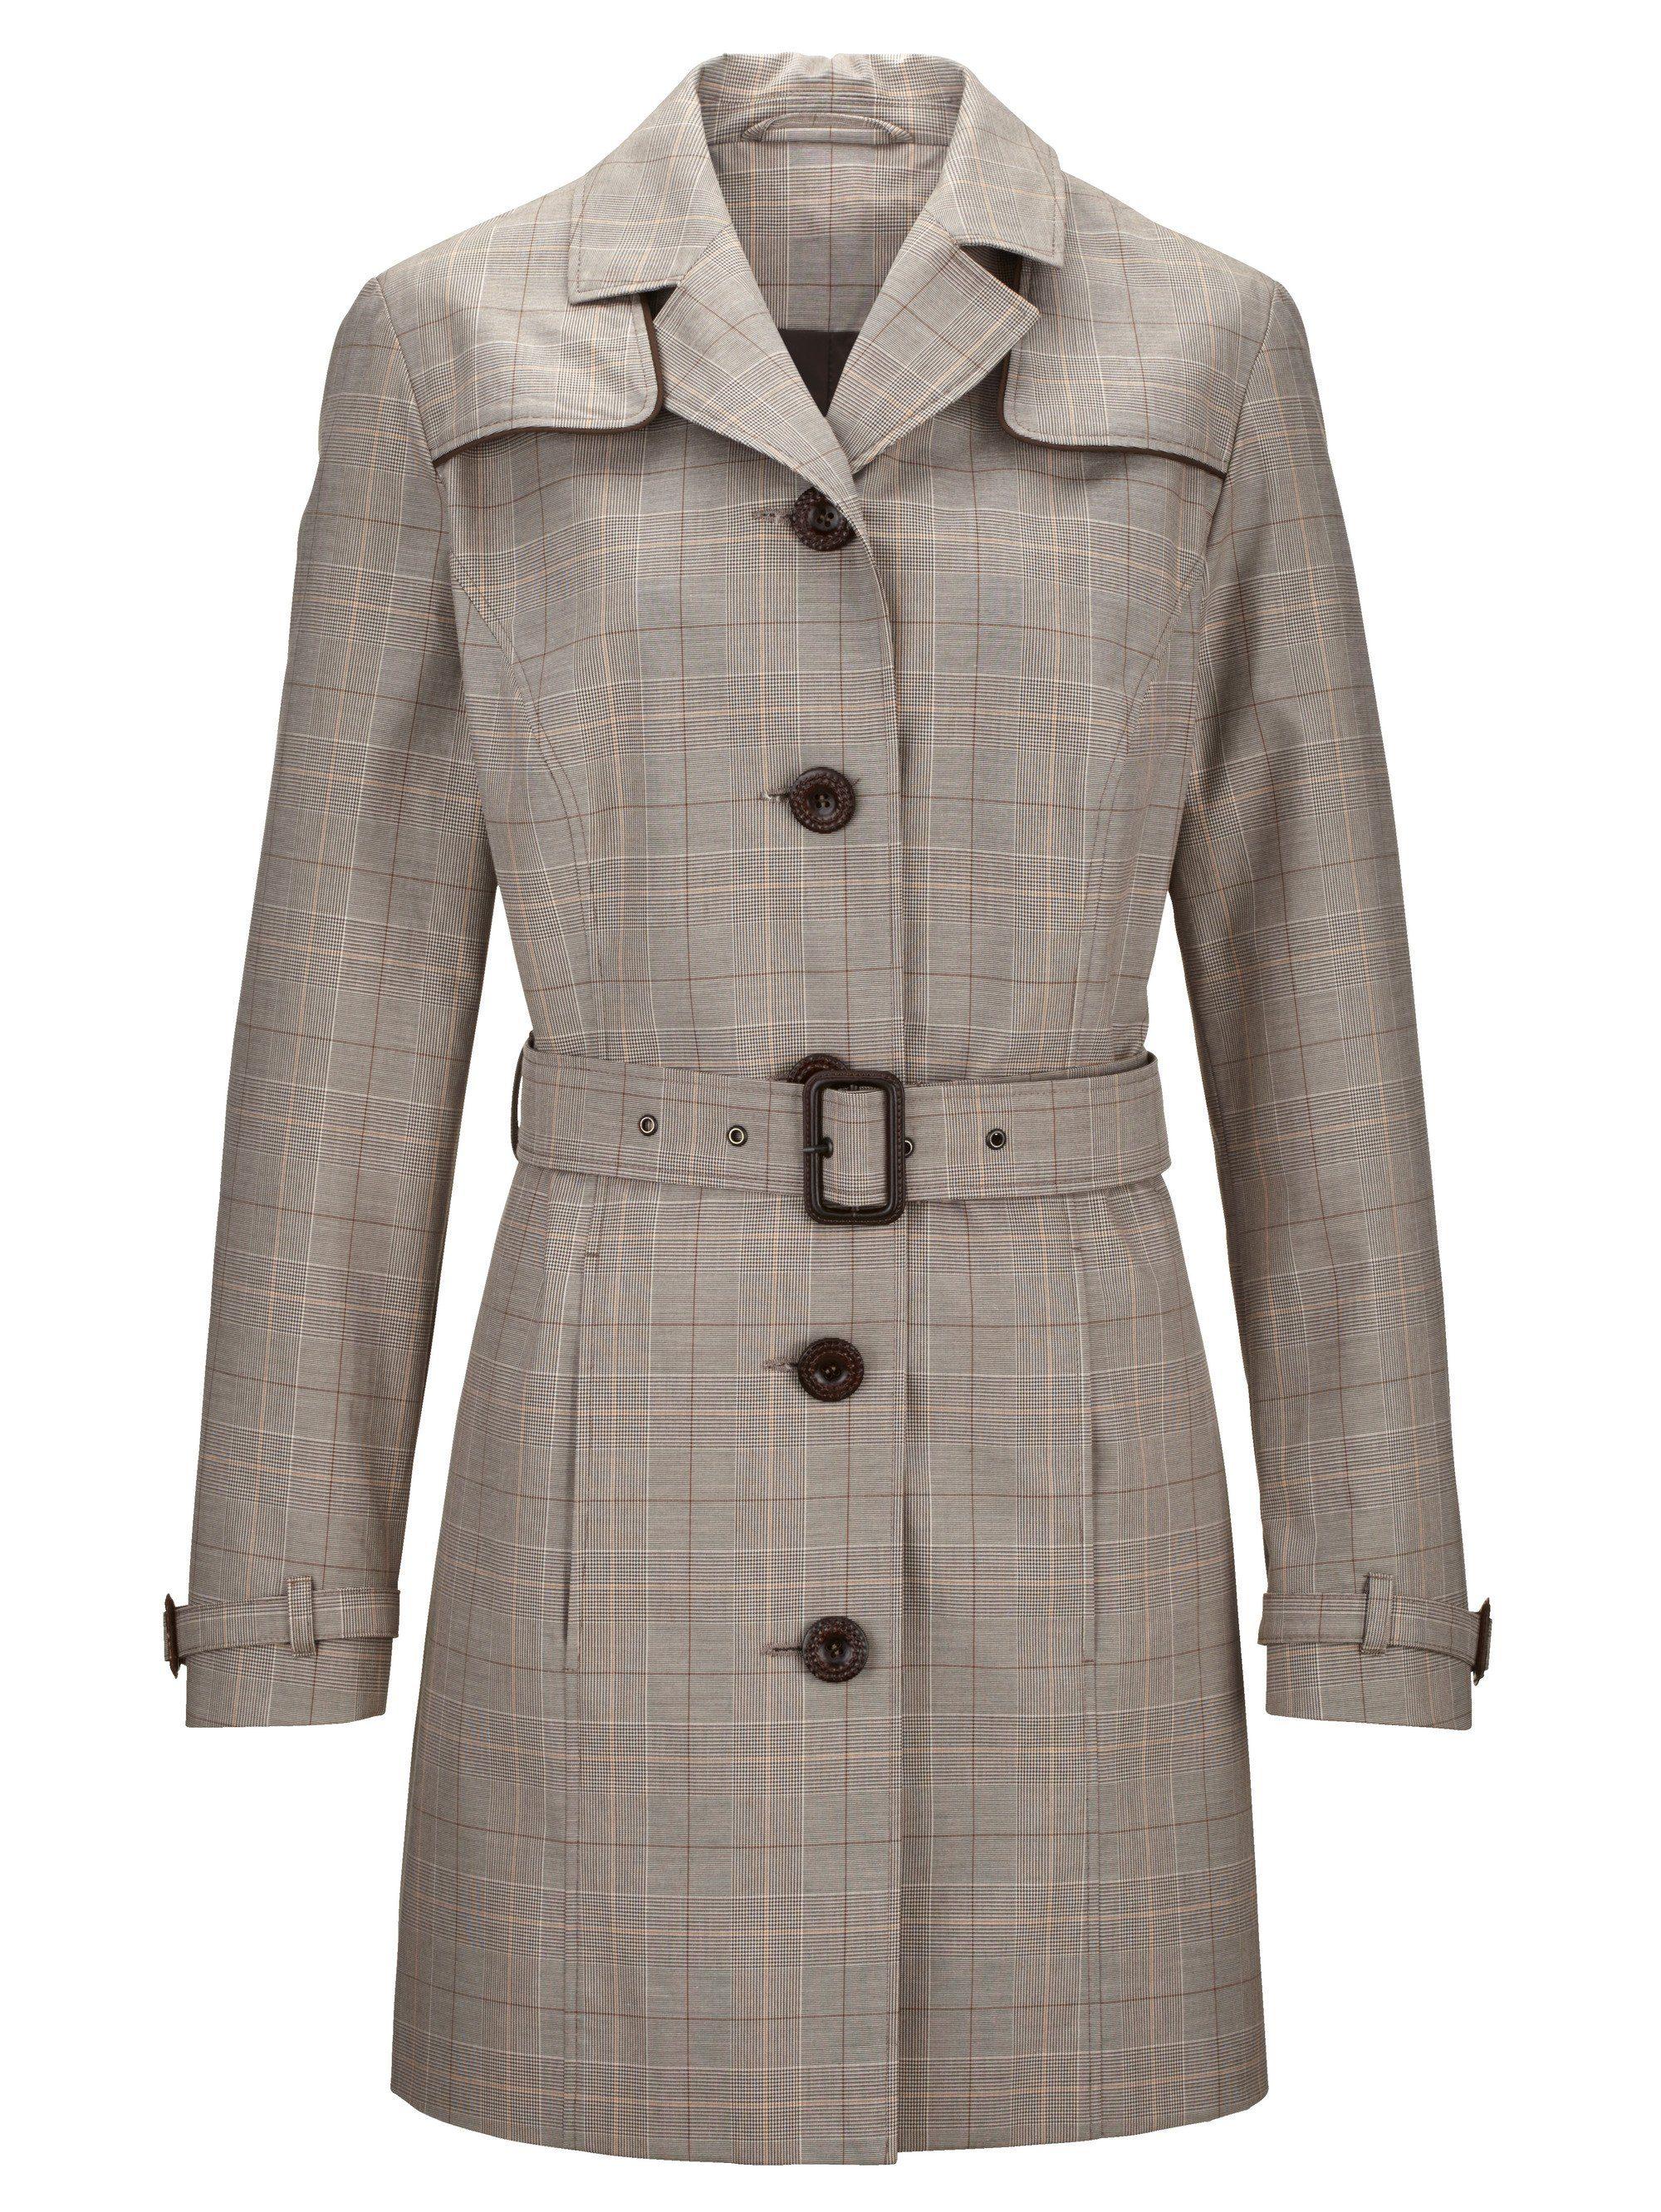 Reiner Online Kaufen Trenchcoat Aus Mona Baumwolle j4R3A5L